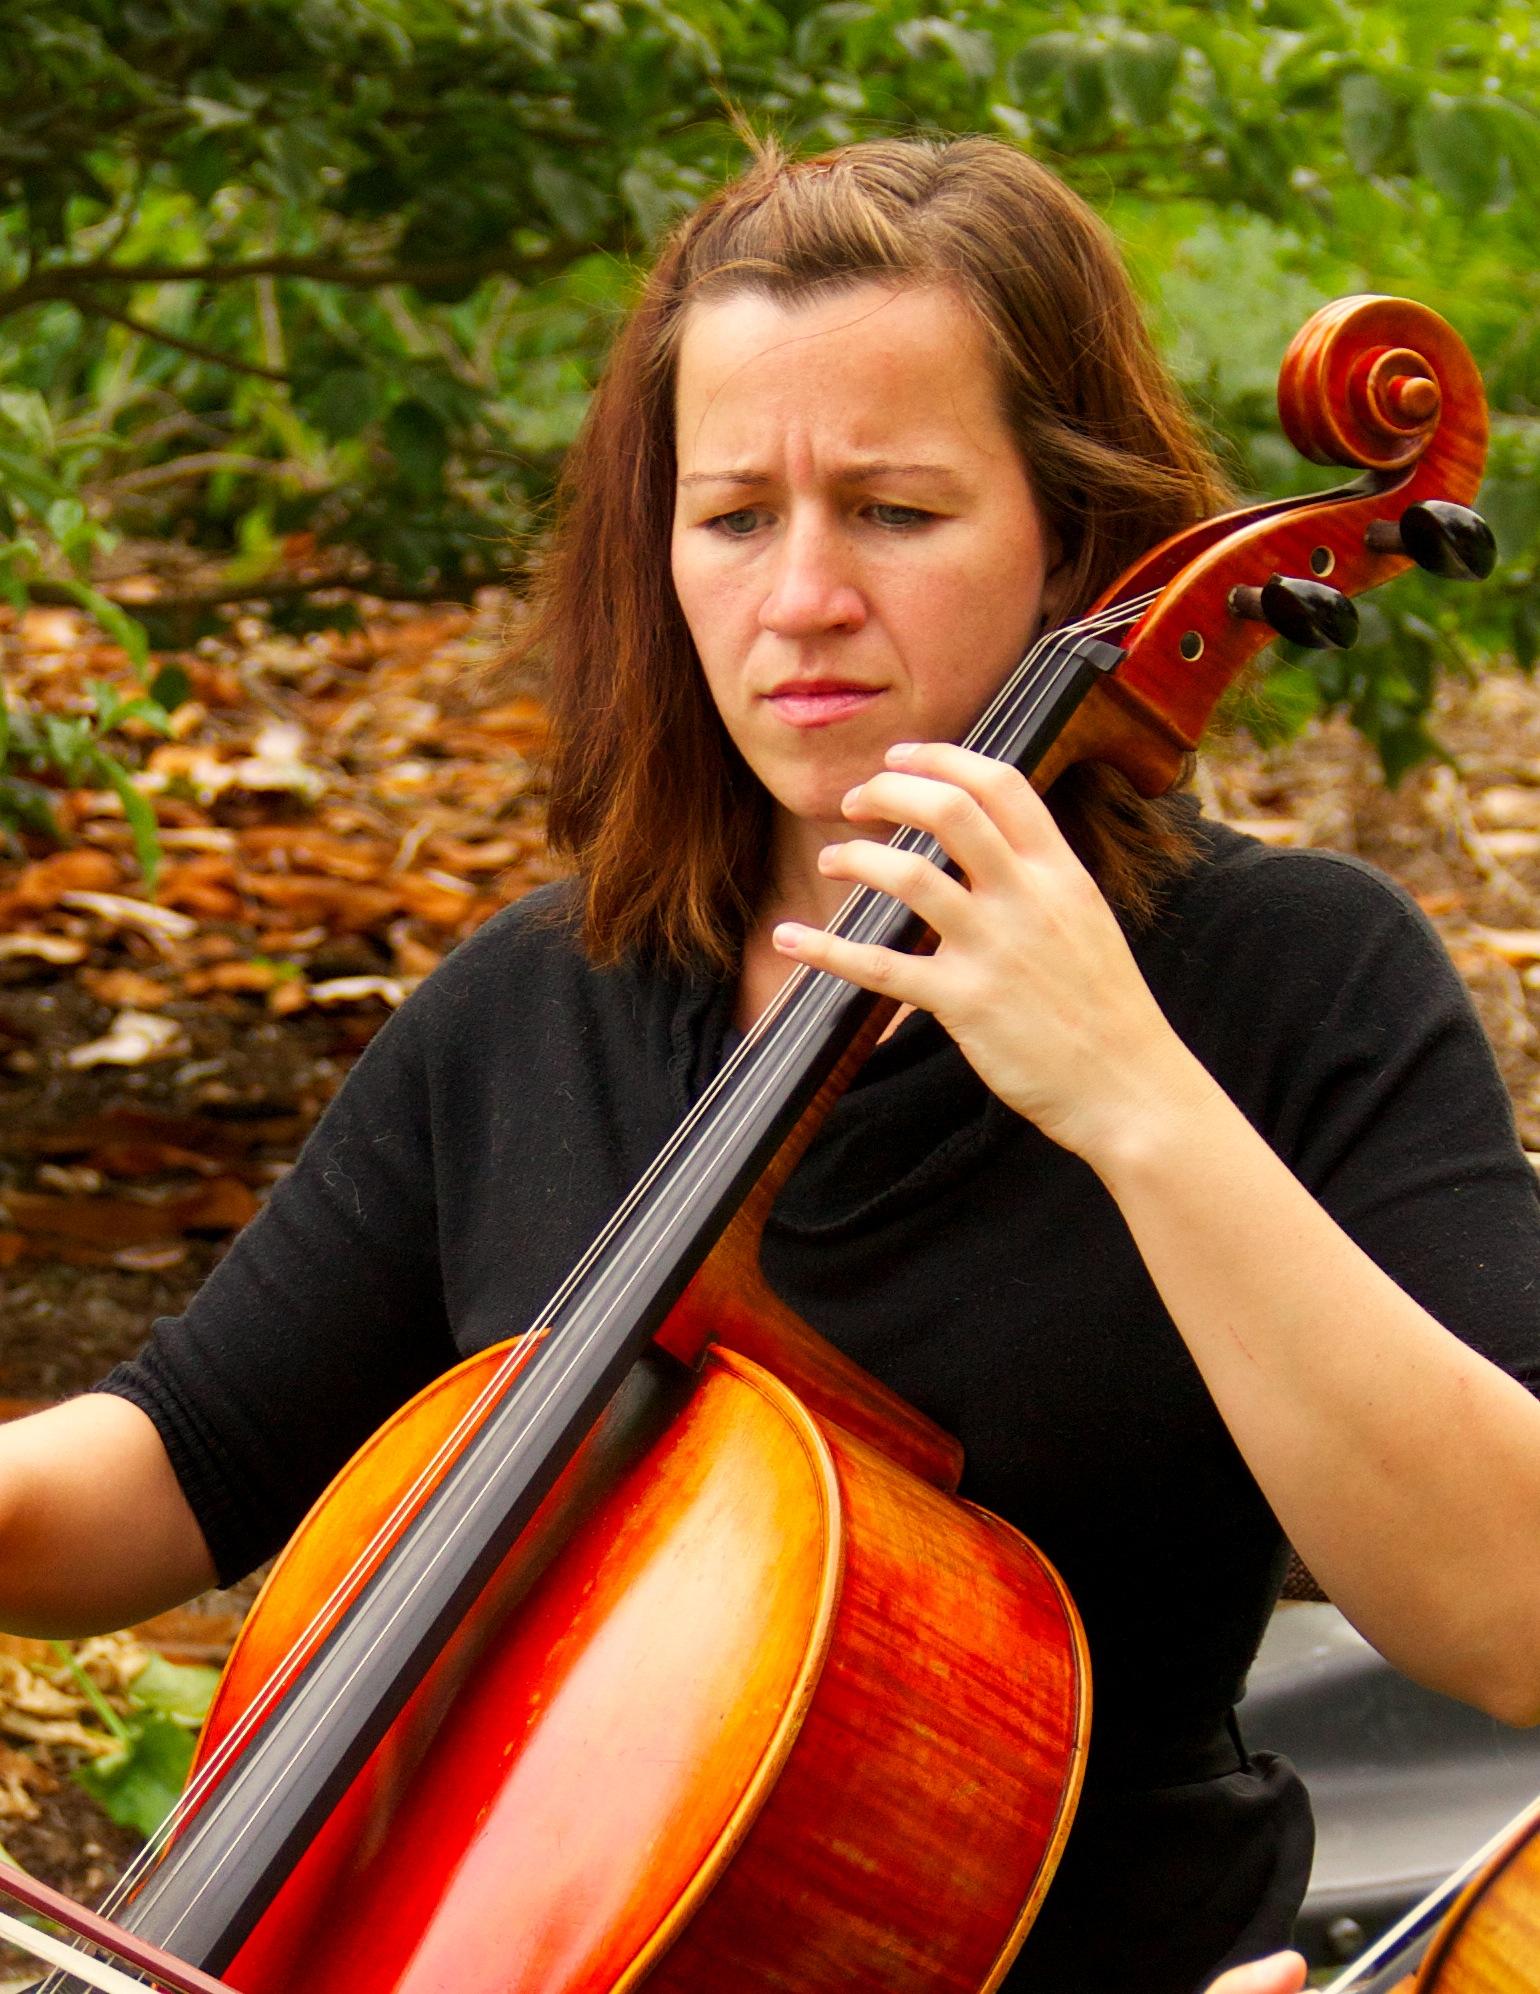 Leah - Cellist